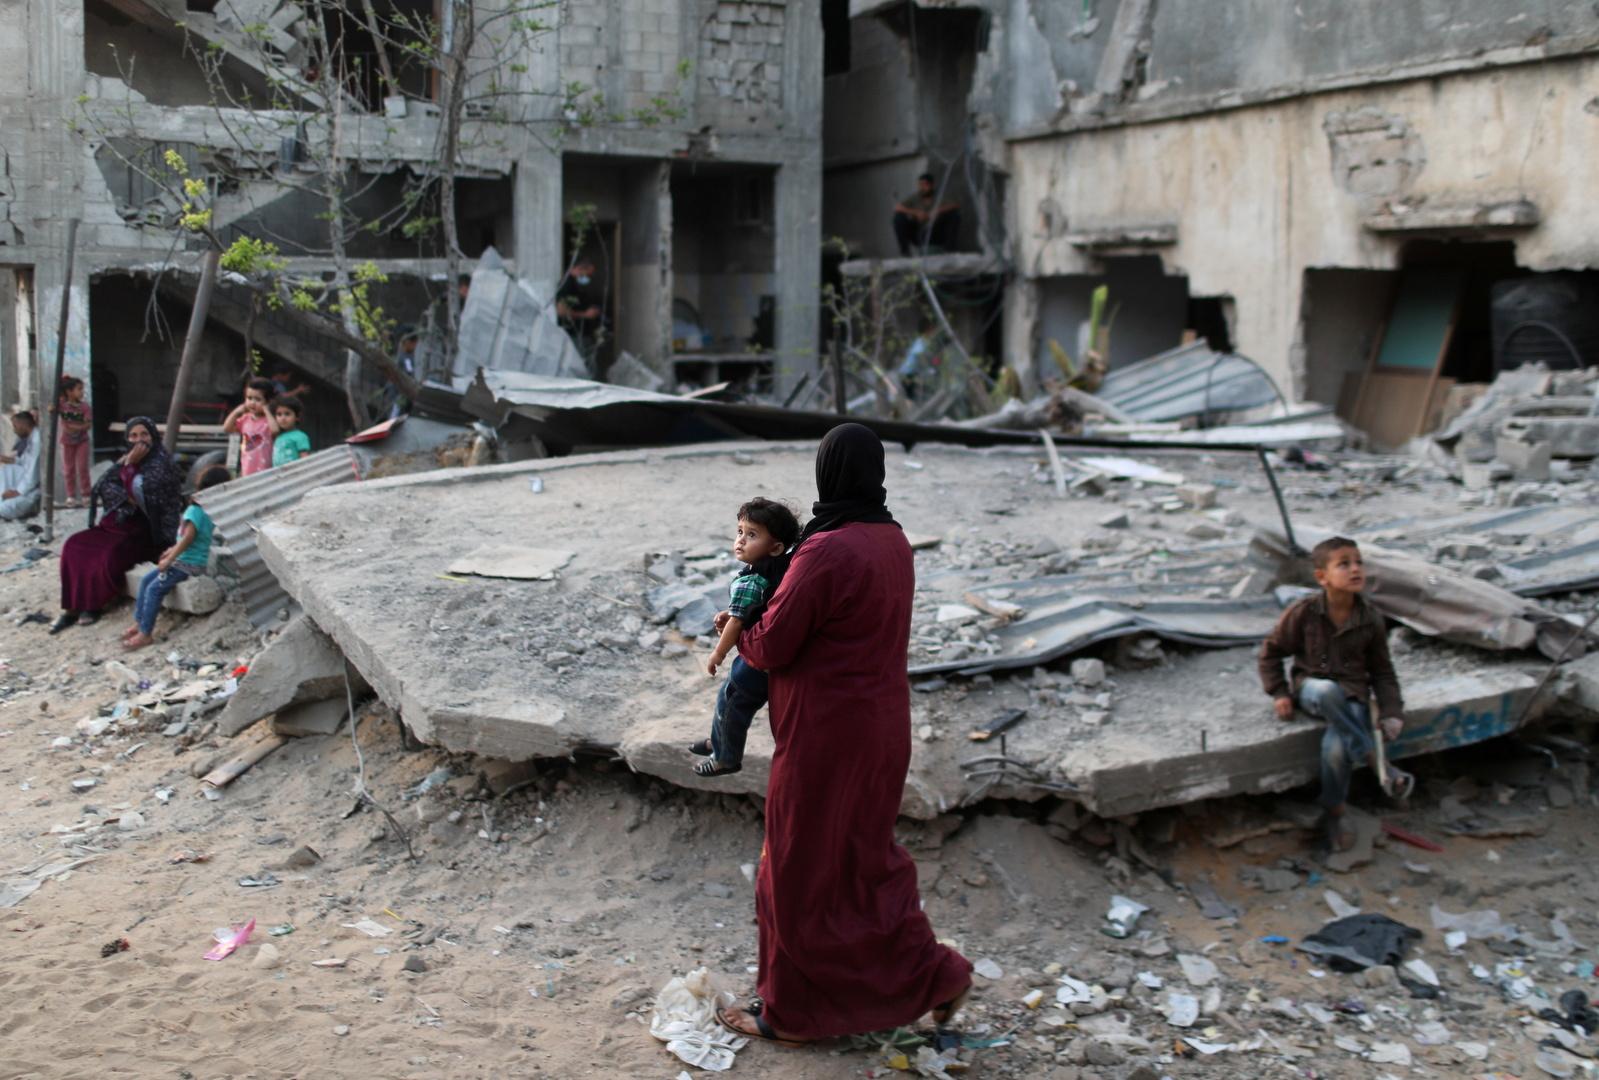 مقتل طفل فلسطيني في انفجار مخلفات إسرائيلية من التصعيد الأخير مع قطاع غزة